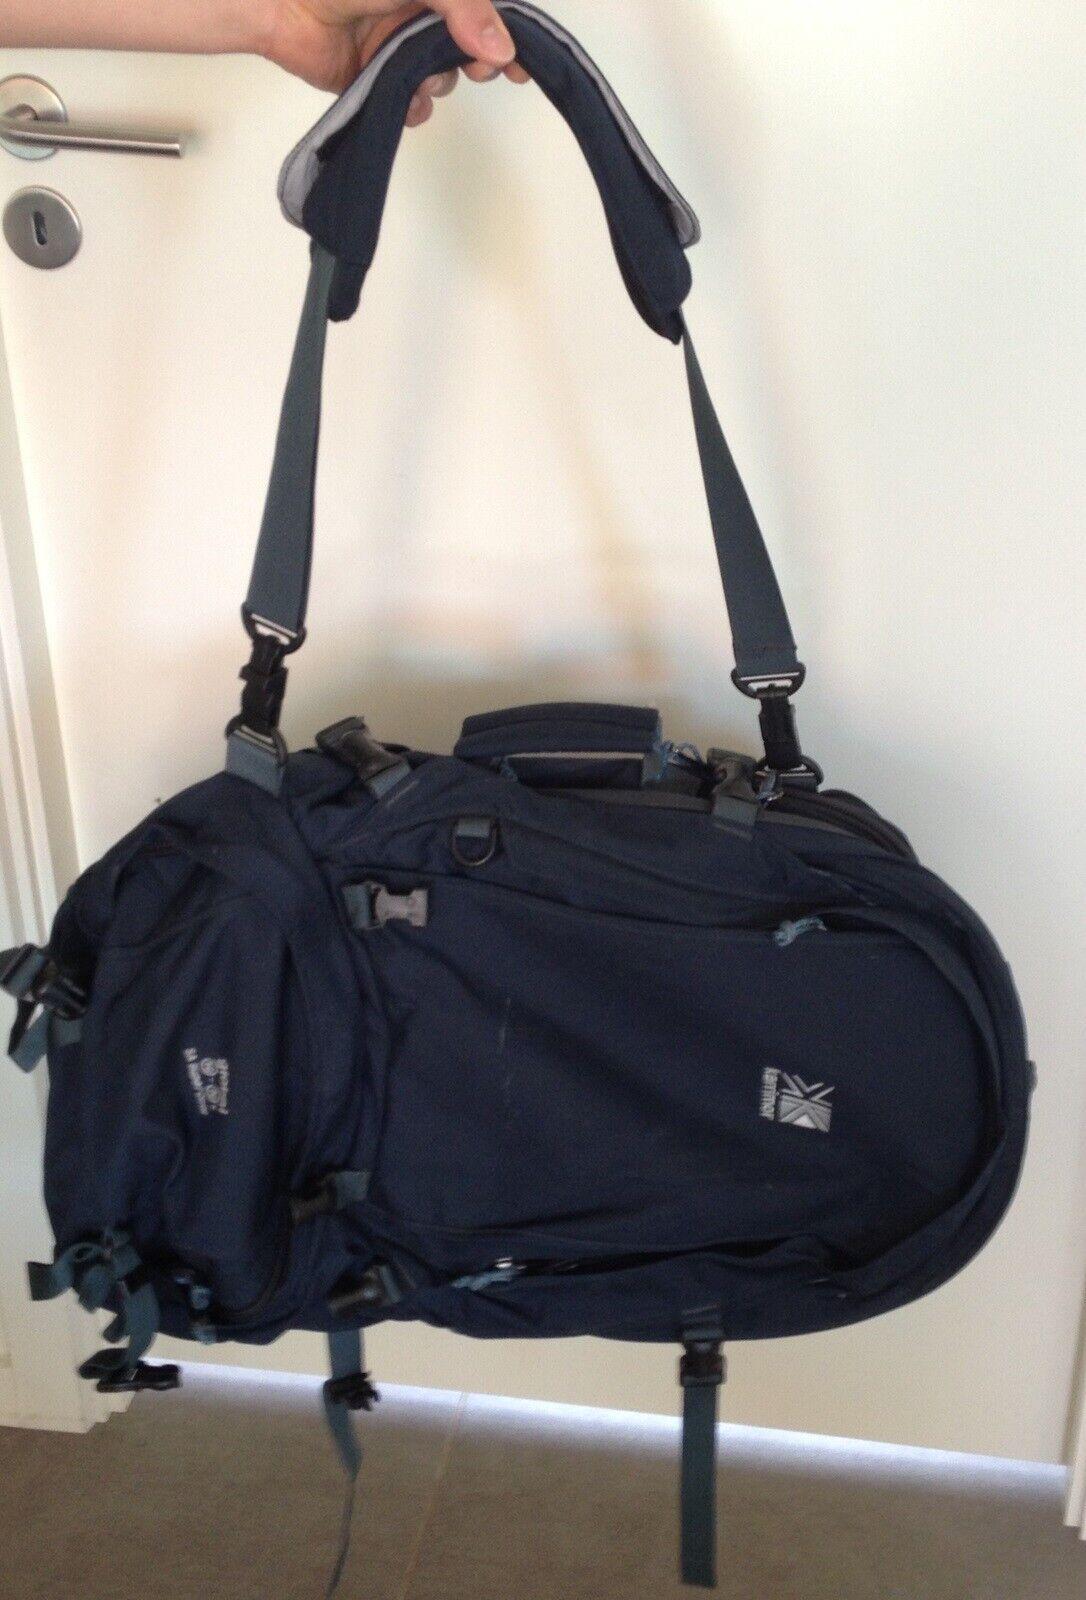 Vandrer Rygsæk | DBA brugte tasker og tilbehør